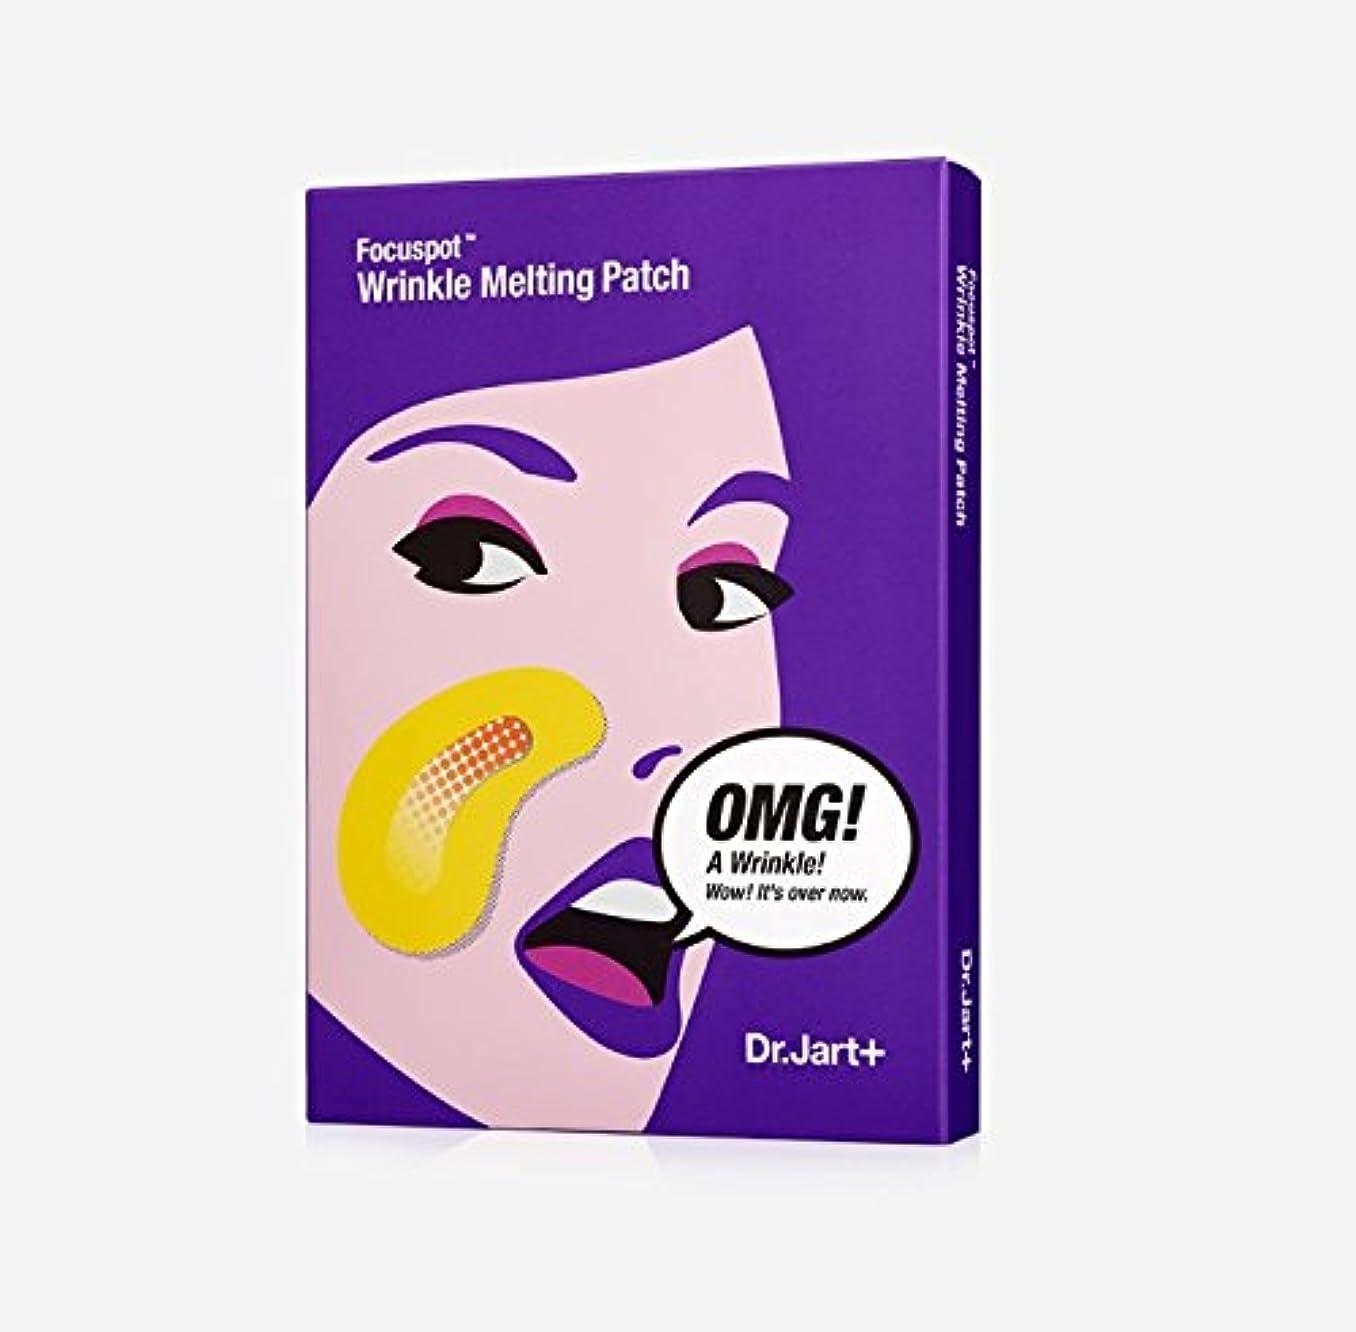 間違いばかげた無限[Dr.Jart+] ドクタージャルトゥ ポーカースポット リンクル メルティング パッチ 5回分/Focuspot Wrinkle Melting Patch [並行輸入品]